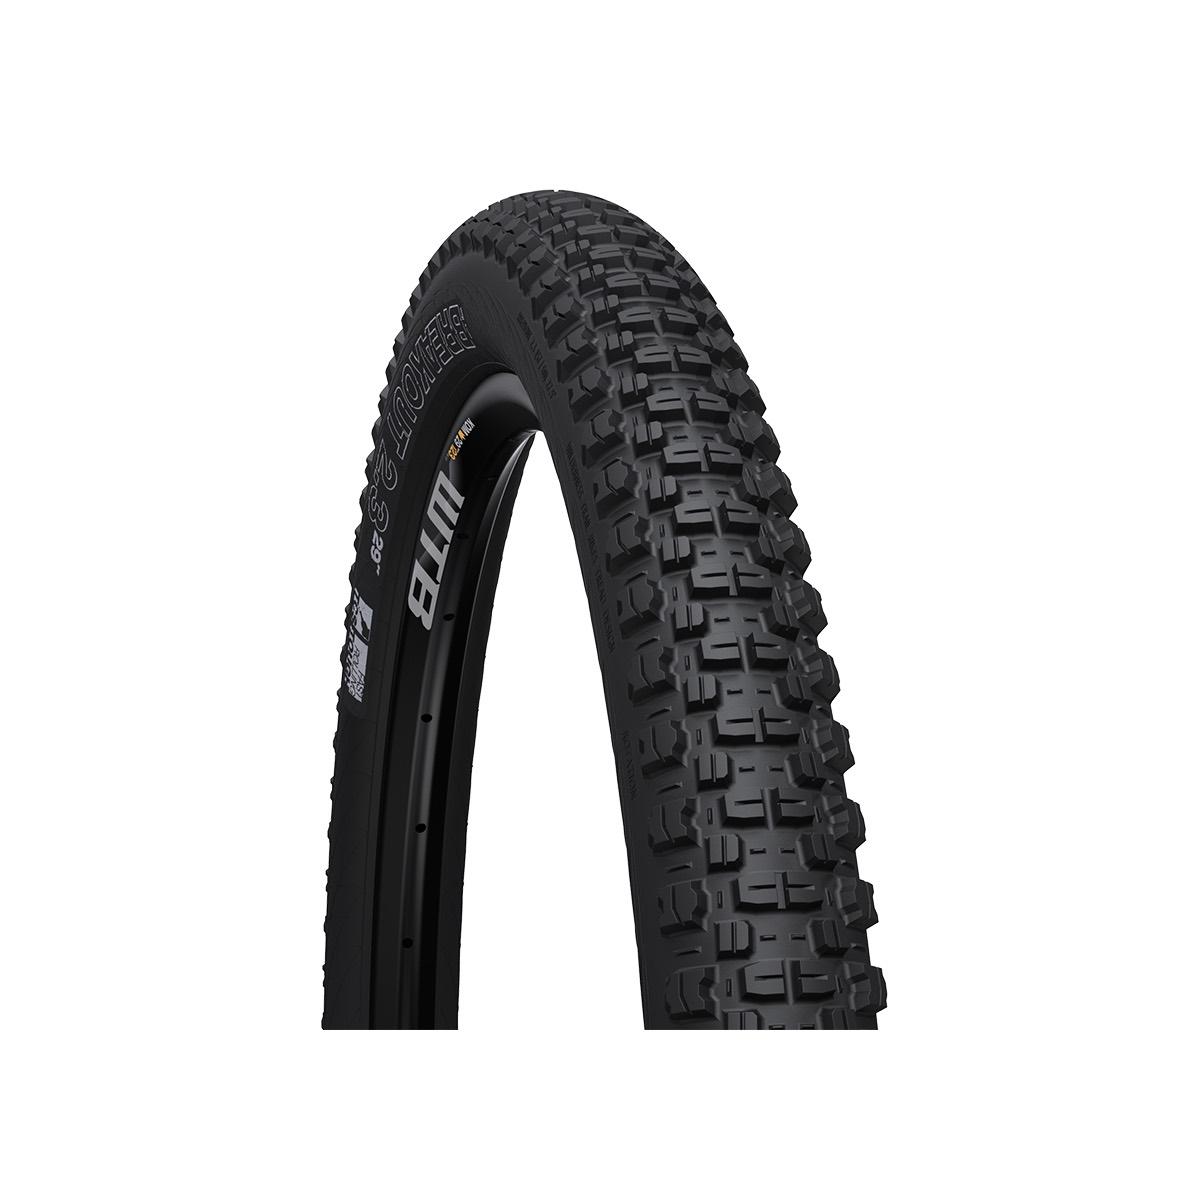 """WTB Breakout Light/Fast Rolling Tire 2.3 x 29"""""""